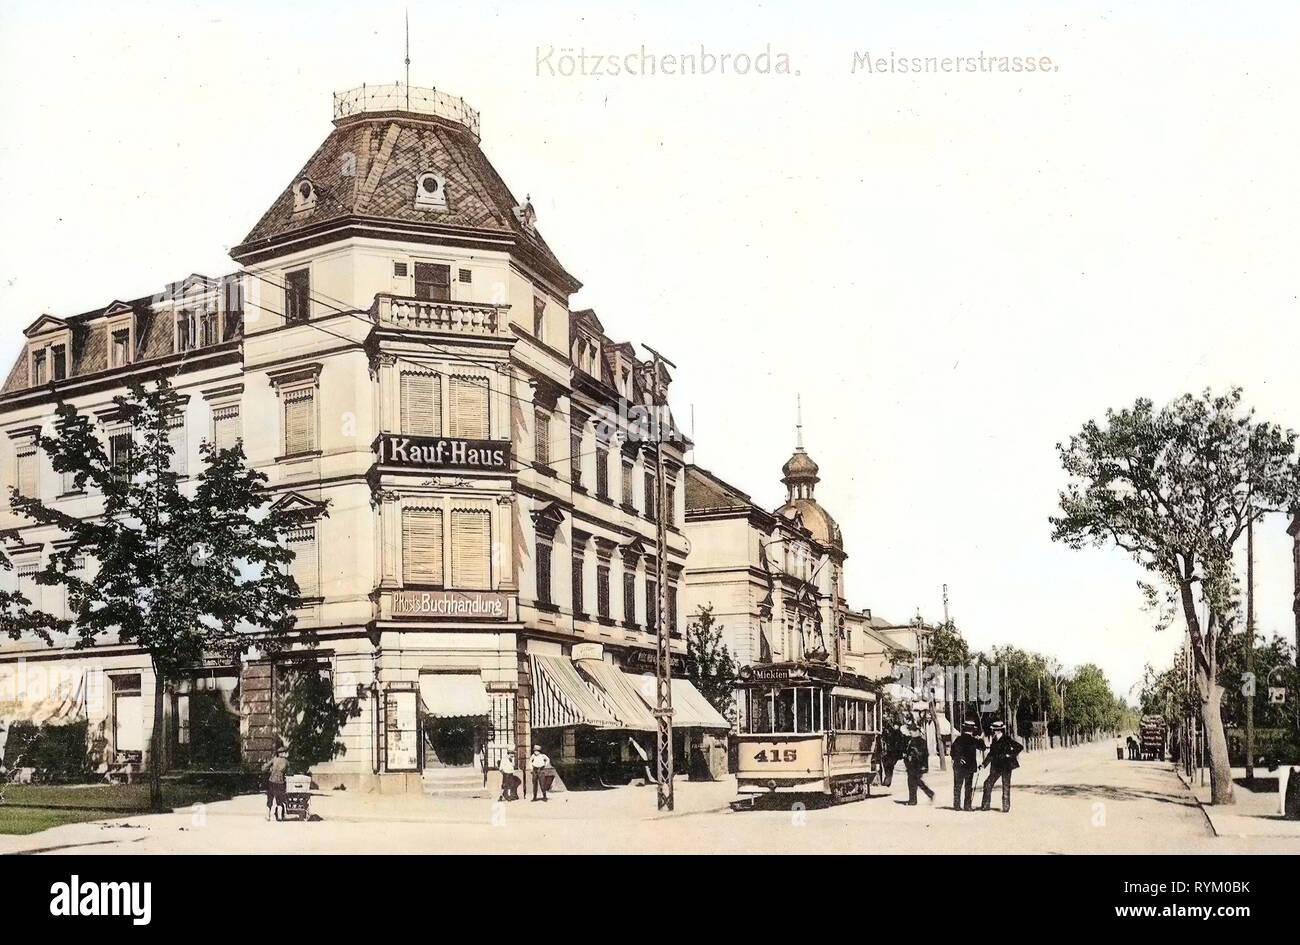 Lößnitzbahn in Radebeul, Number 415 on trams, Wohn- und Geschäftshaus Meißner Straße 268 (Radebeul), Shops in Radebeul, 1906, Landkreis Meißen, Kötzschenbroda, Meißner Straße mit Straßenbahn, Germany - Stock Image